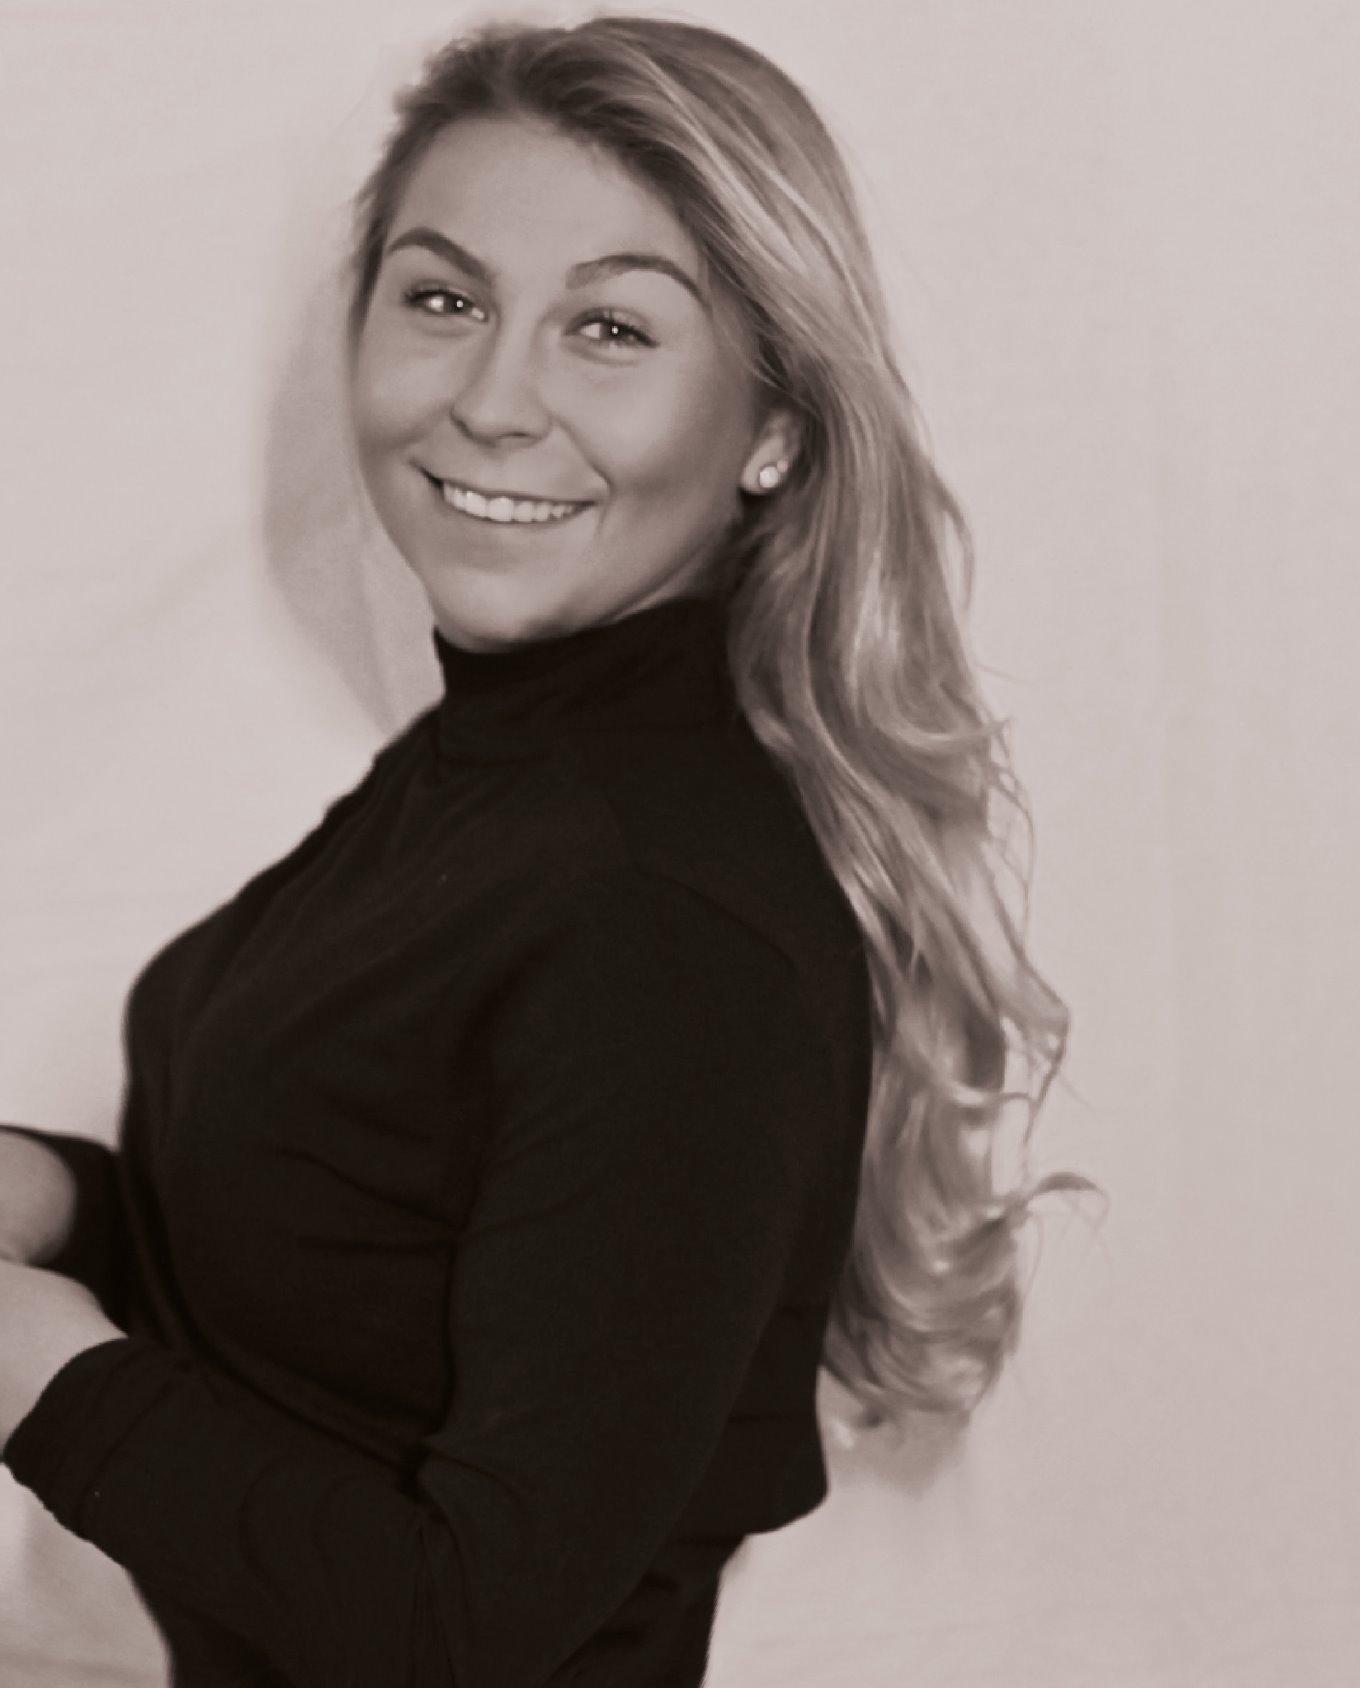 Nina Zeckel